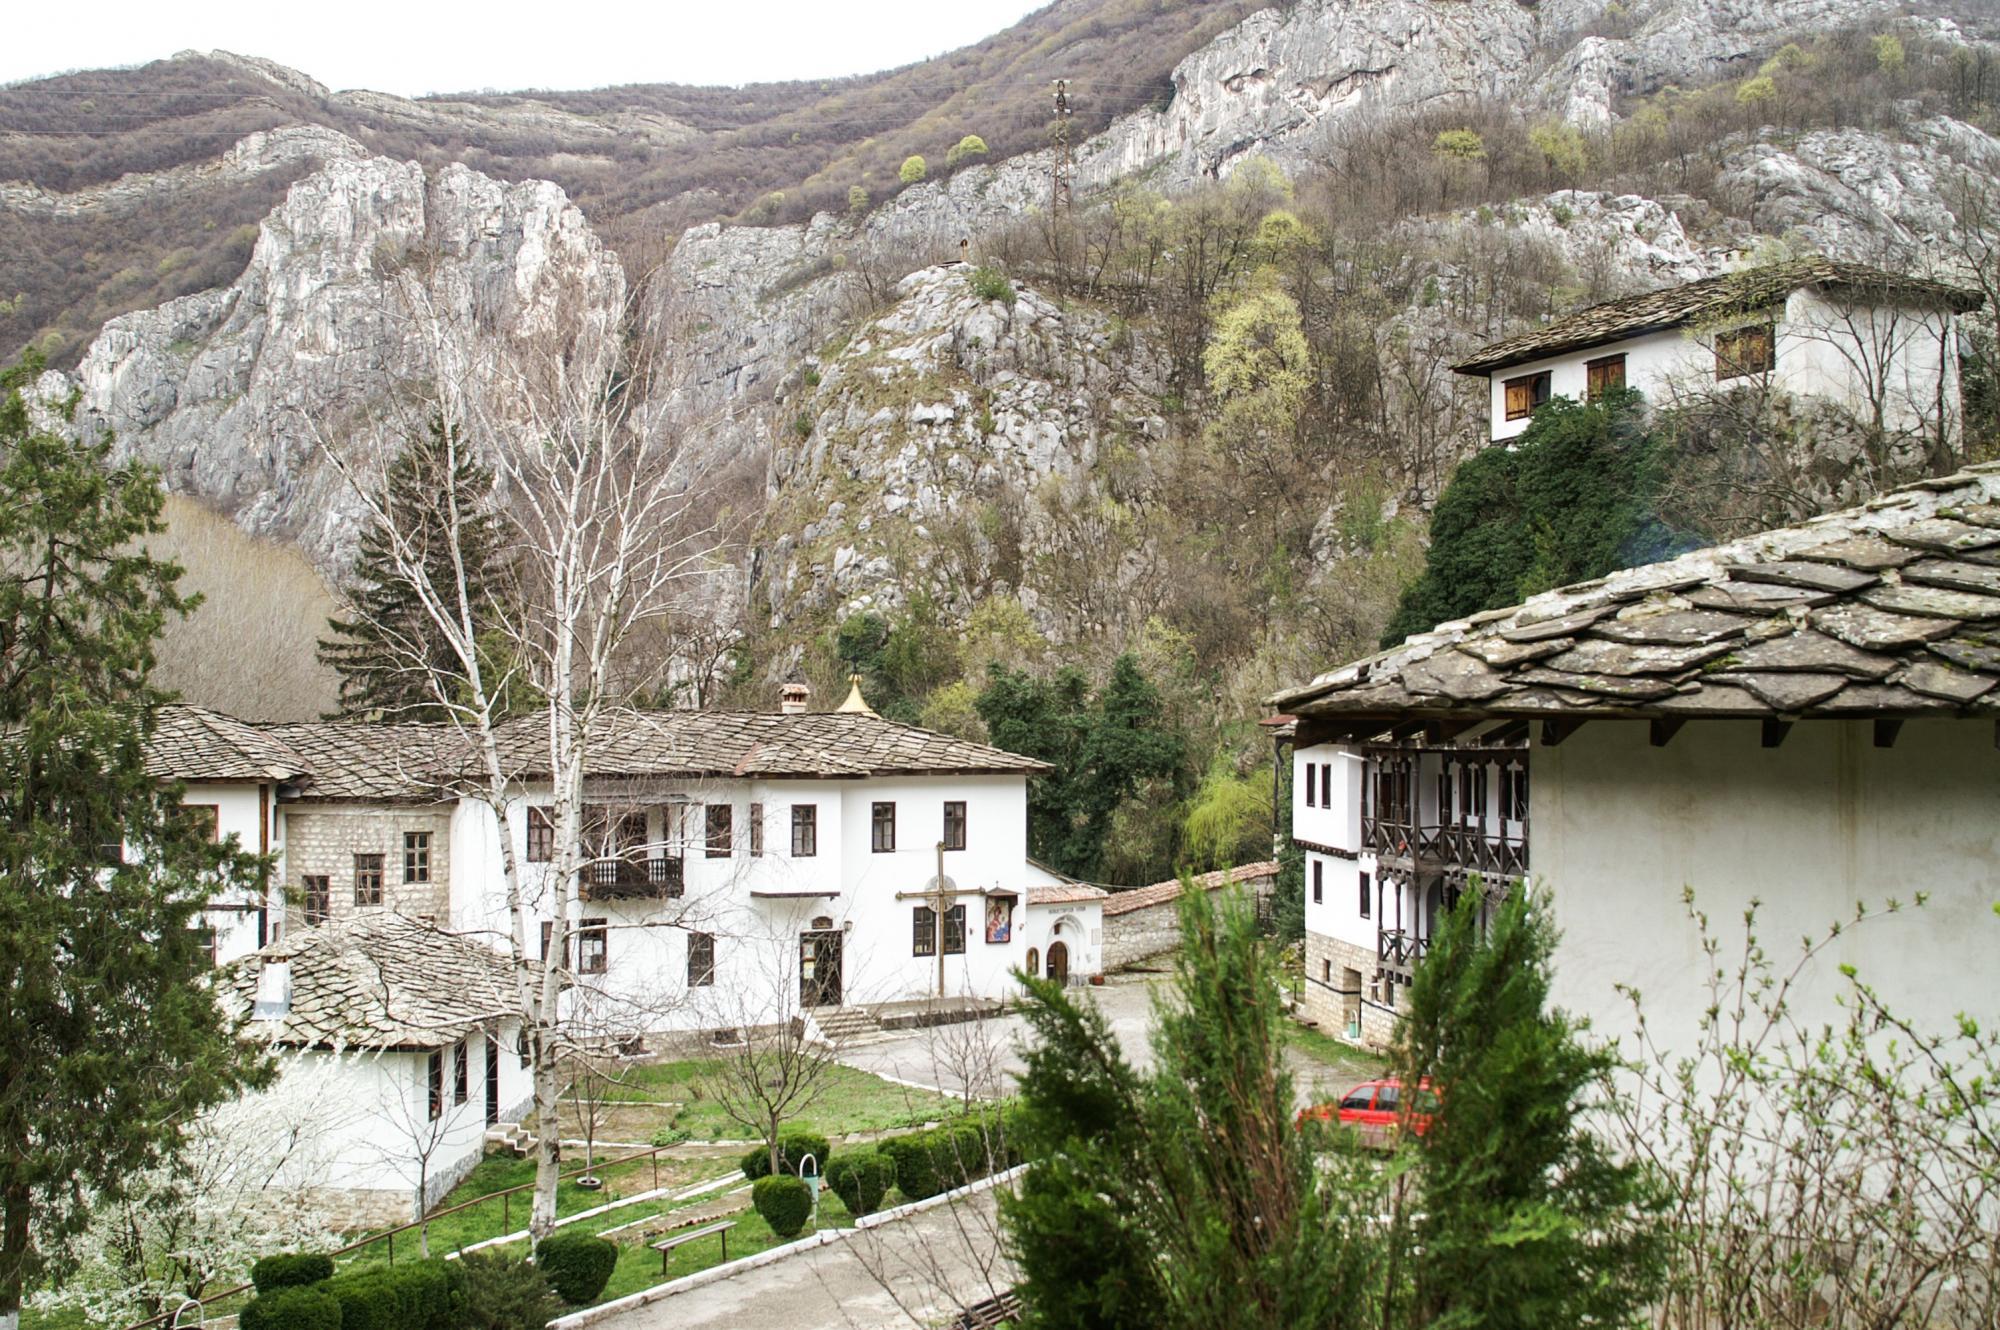 Cherepish Monastery, Lyutibrod, Bulgaria